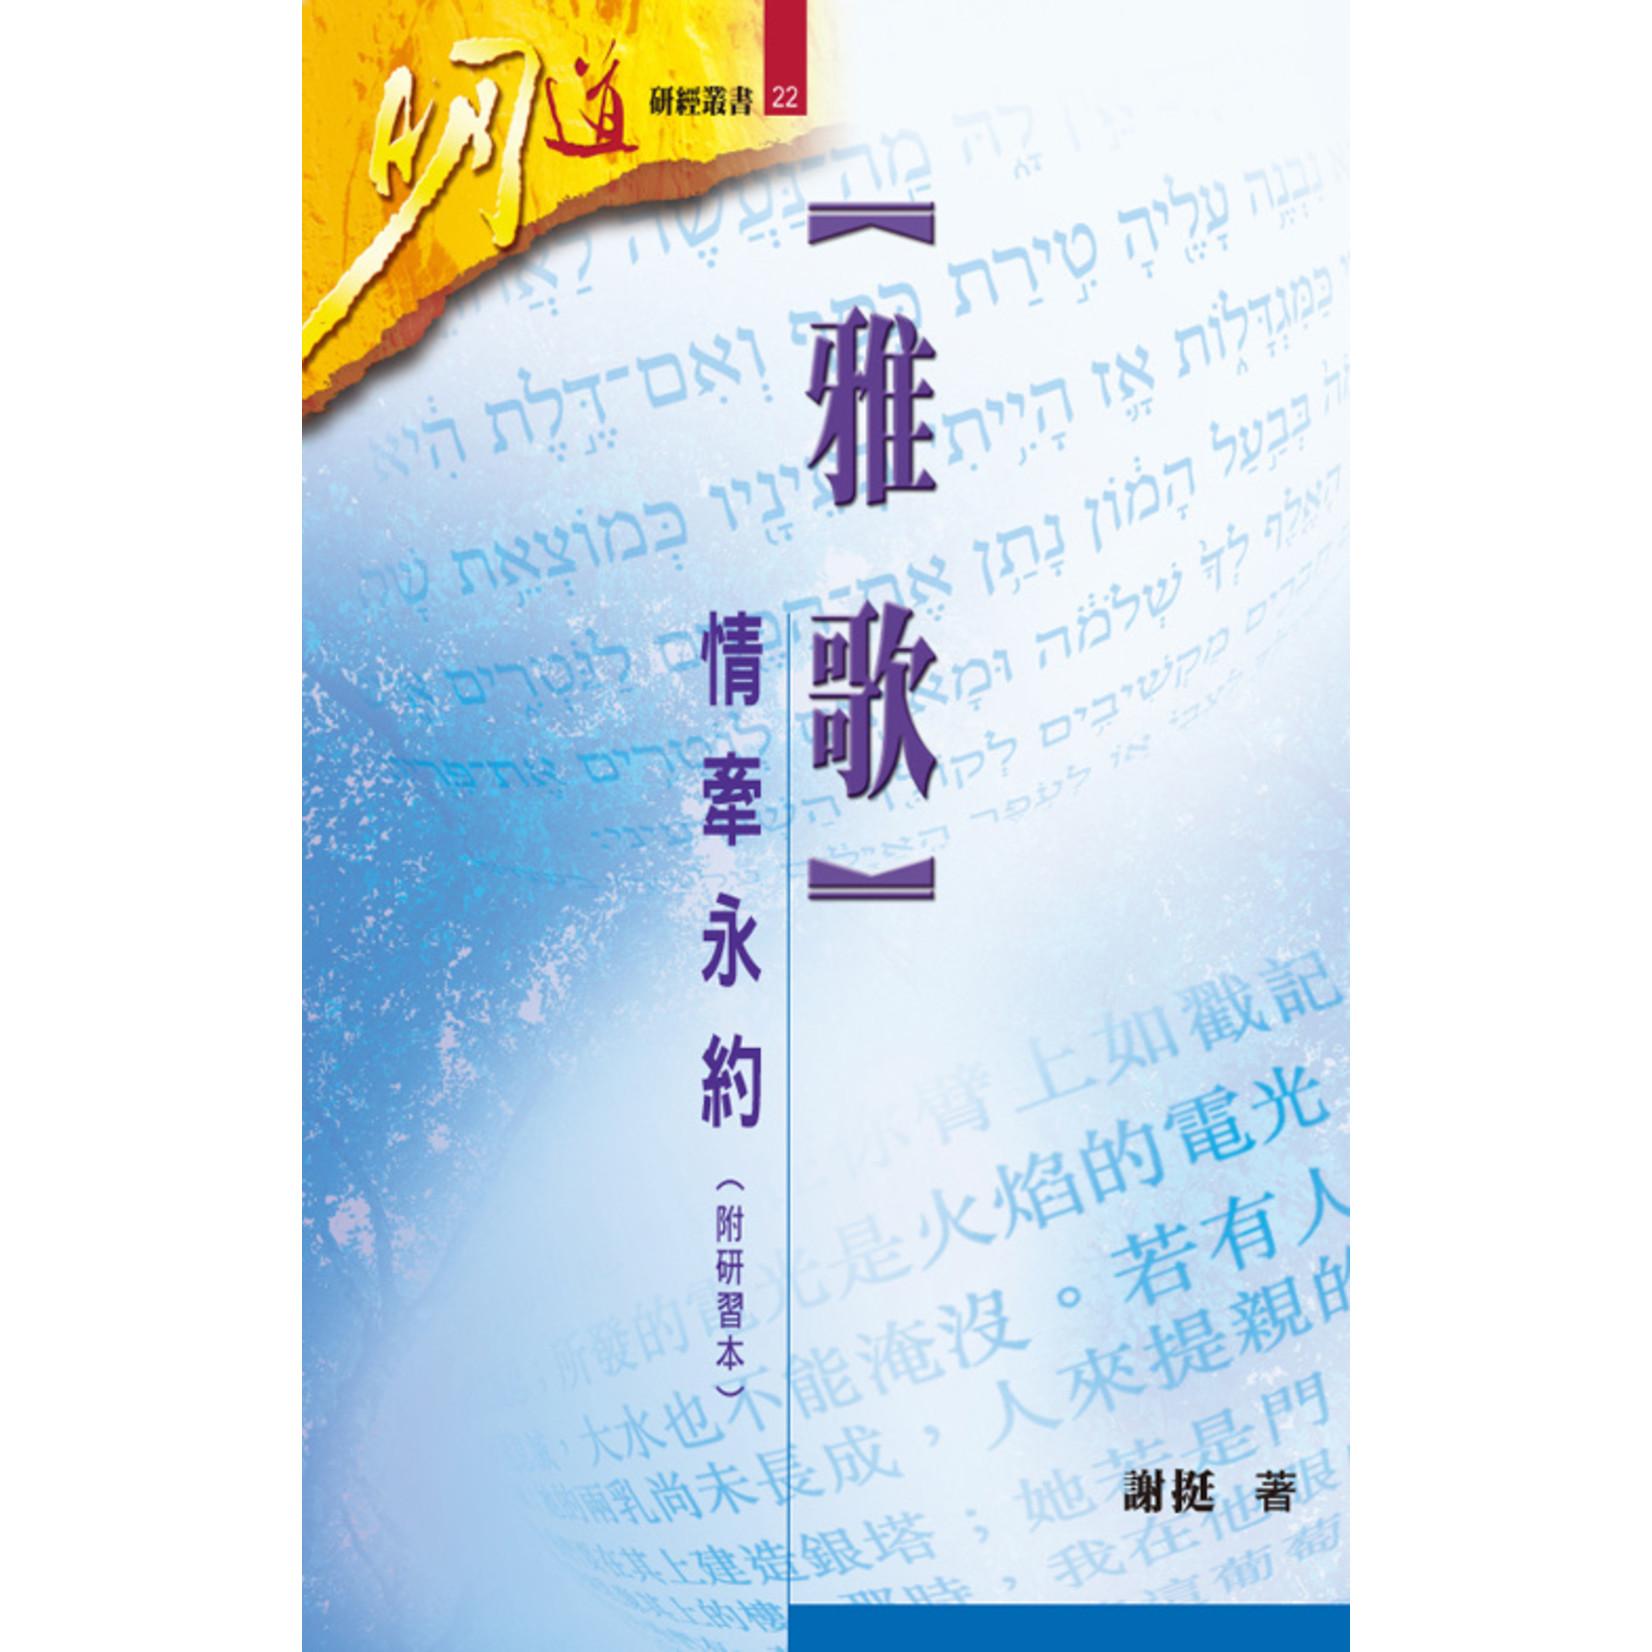 明道社 Ming Dao Press 雅歌:情牽永約(附研習本)